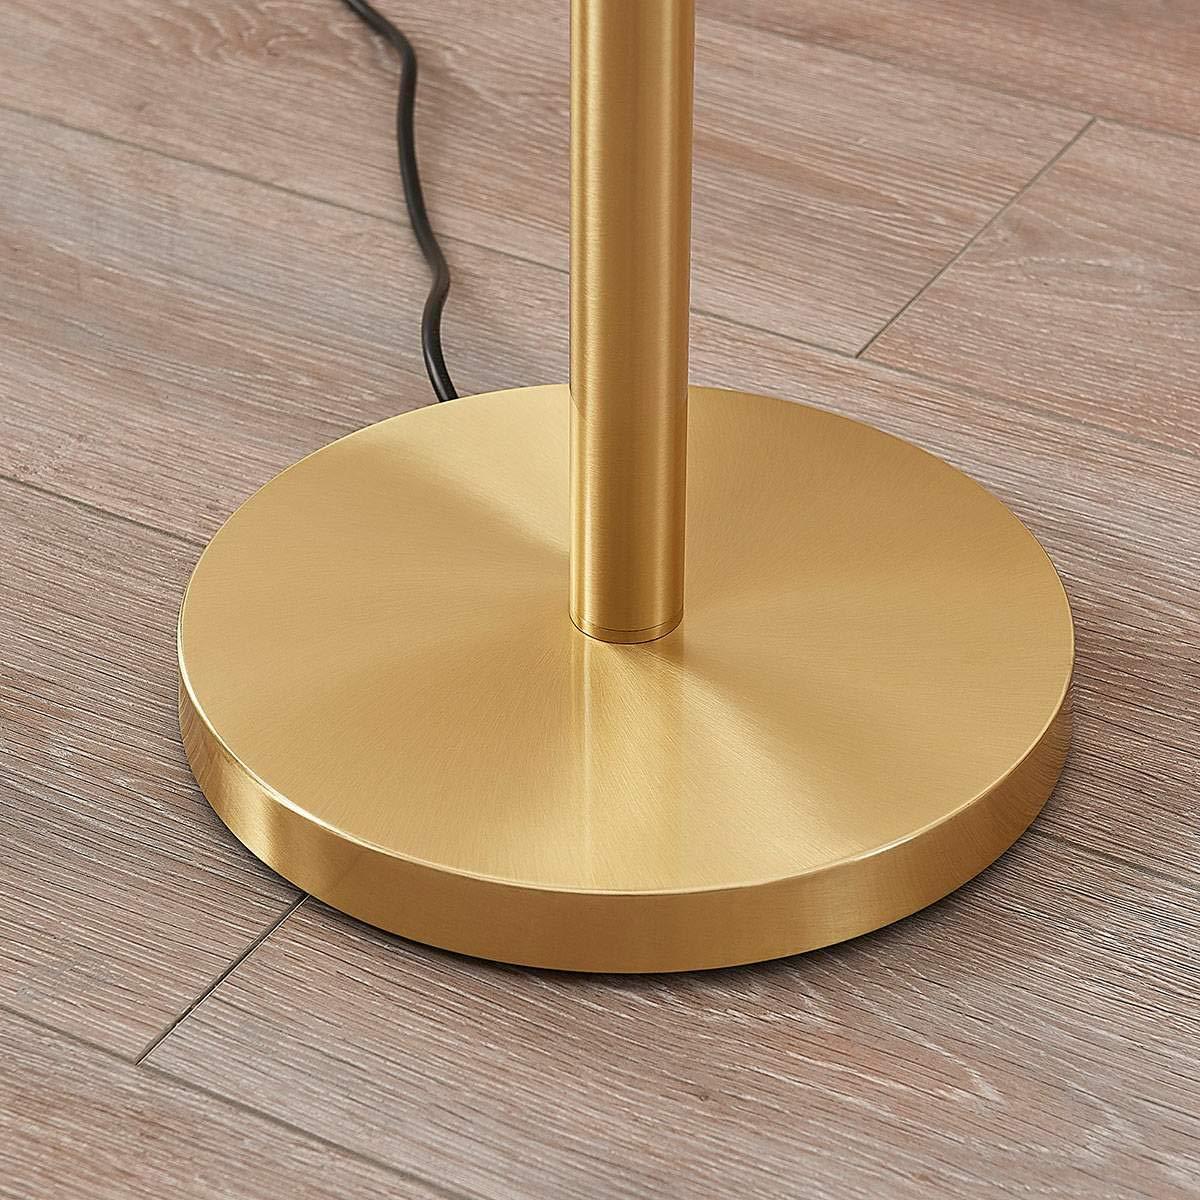 l/ámpara de pie de LINDBY para Sal/ón /& Comedor L/ámpara de pie Ignacia en Dorado hecho de Metal e.o l/ámpara de pie 1 llama, E27, A++